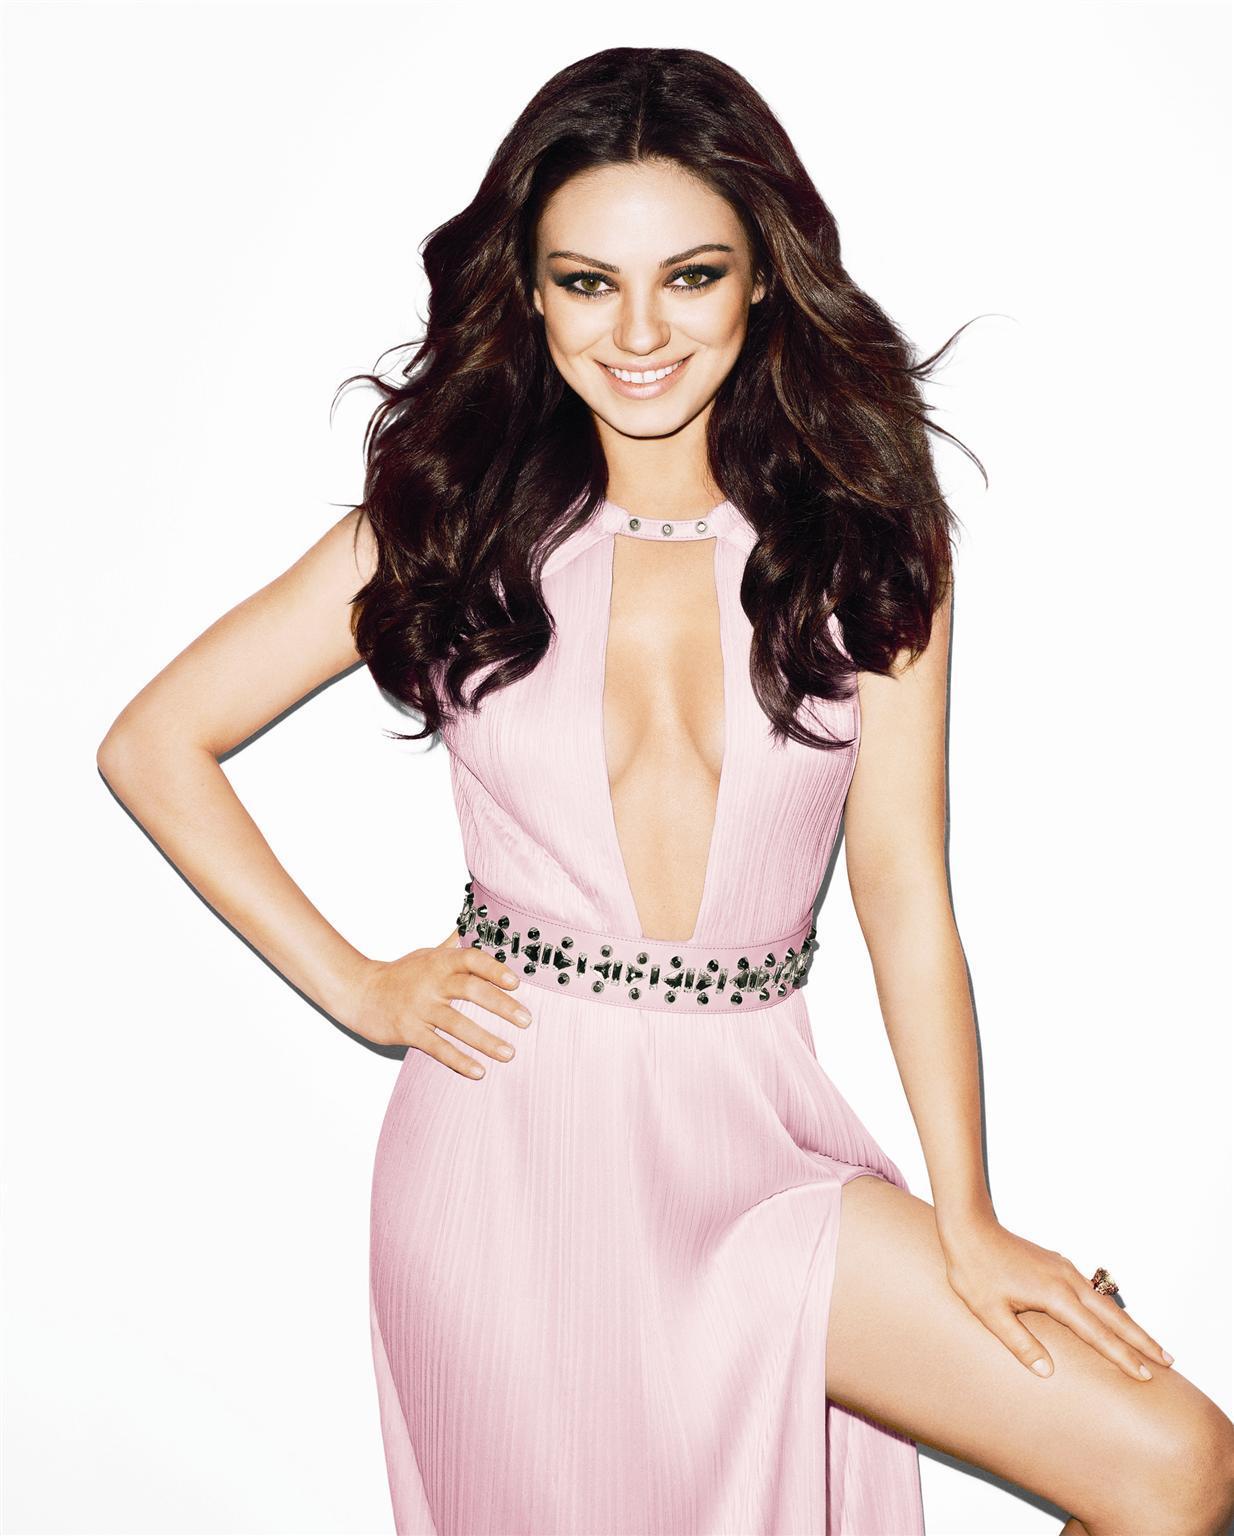 Mila Kunis for Harpers Bazaar